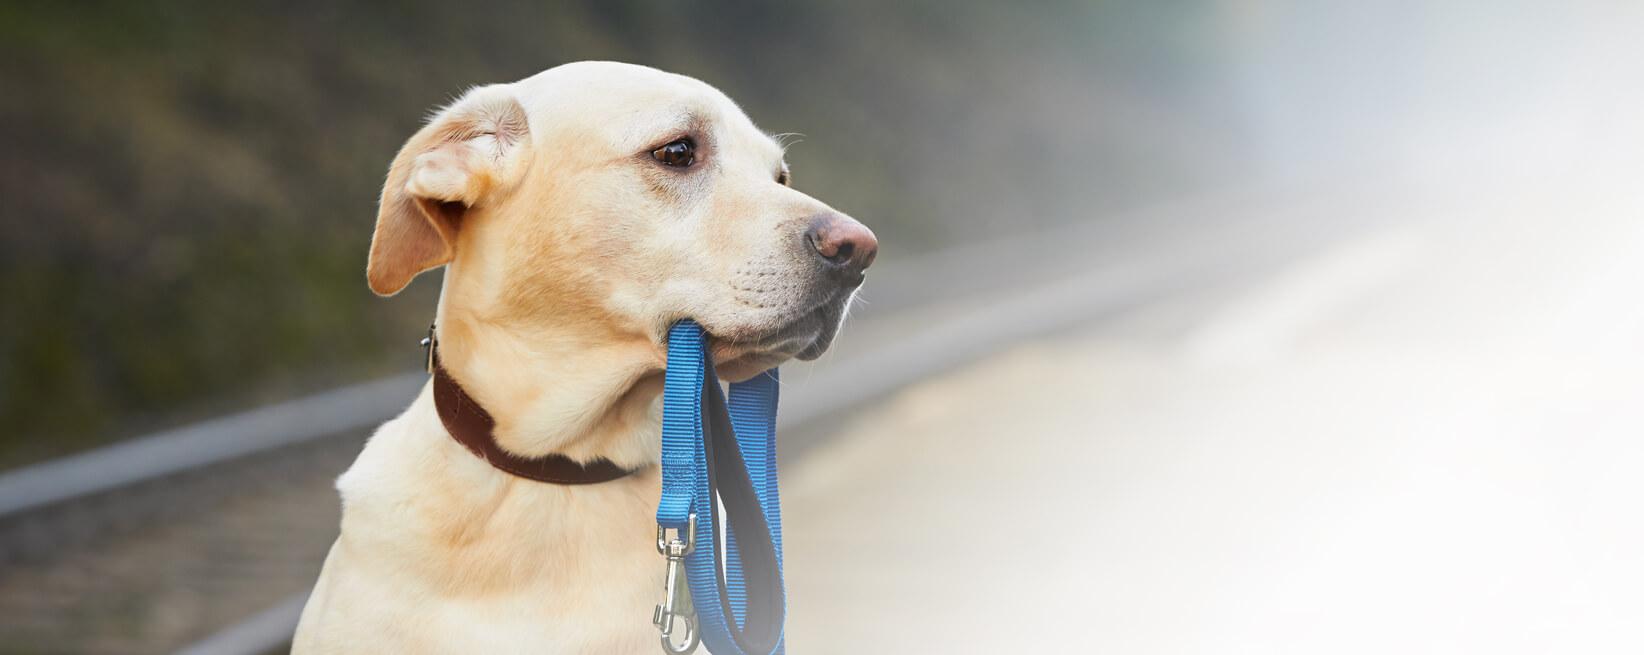 Hund mit einer Leine im Maul, welcher nach Rechts schaut